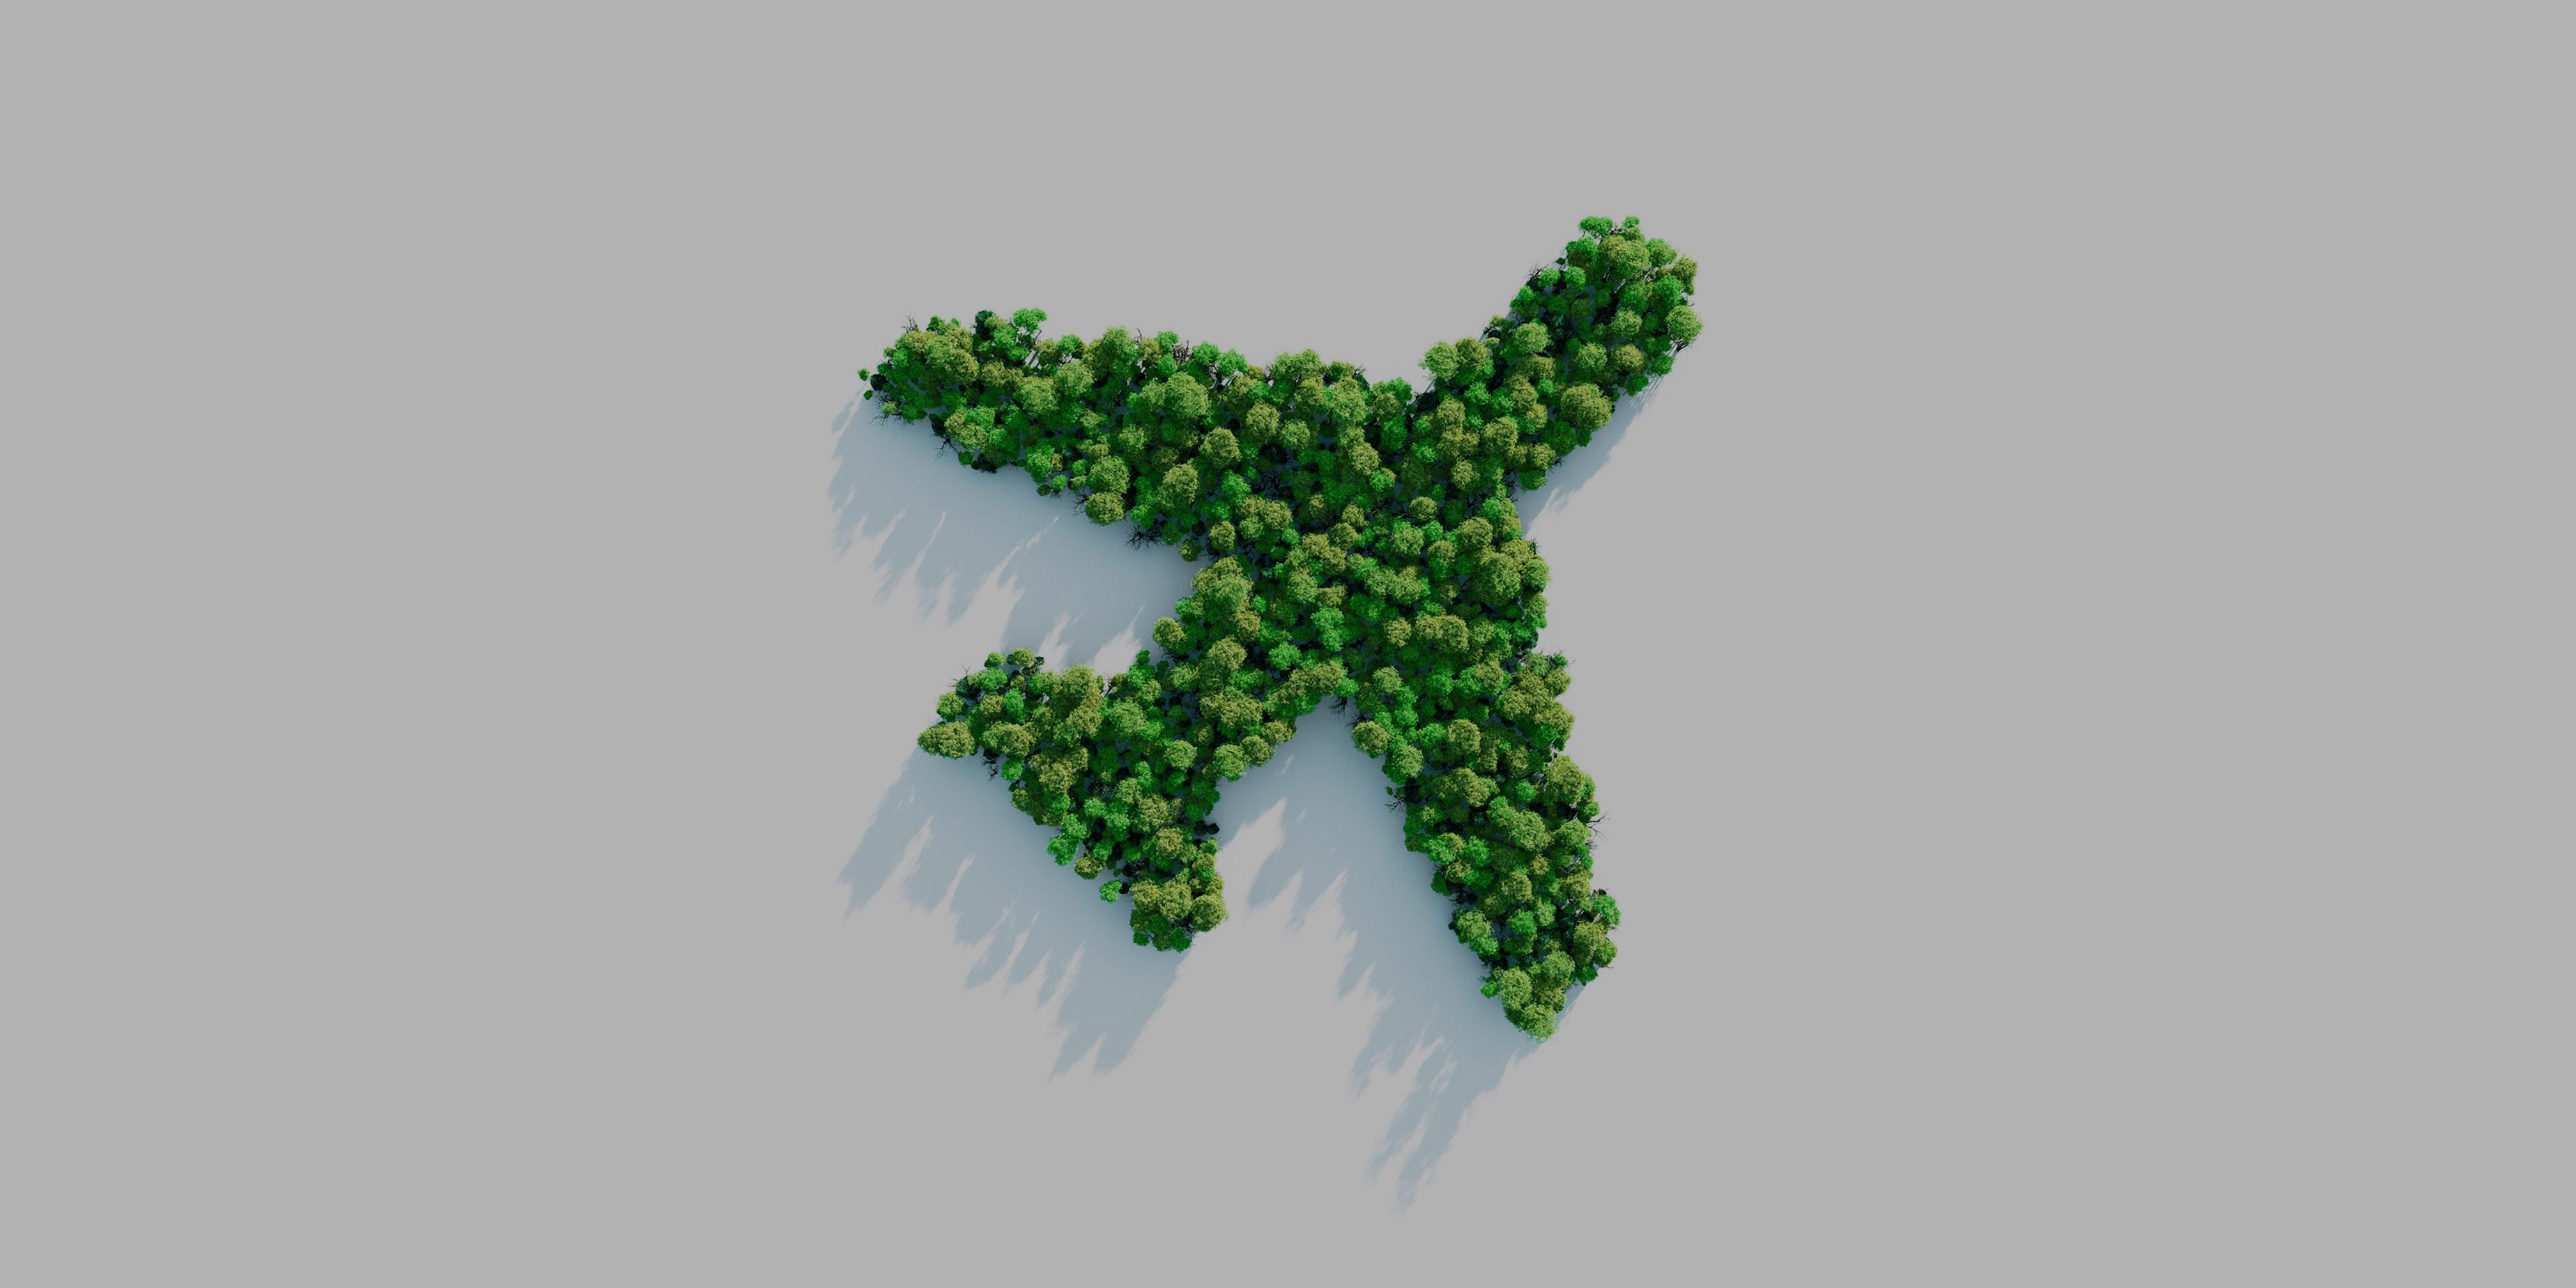 Technologie aus Laakirchen macht Flugzeuge effizienter, umweltfreundlicher und leiser